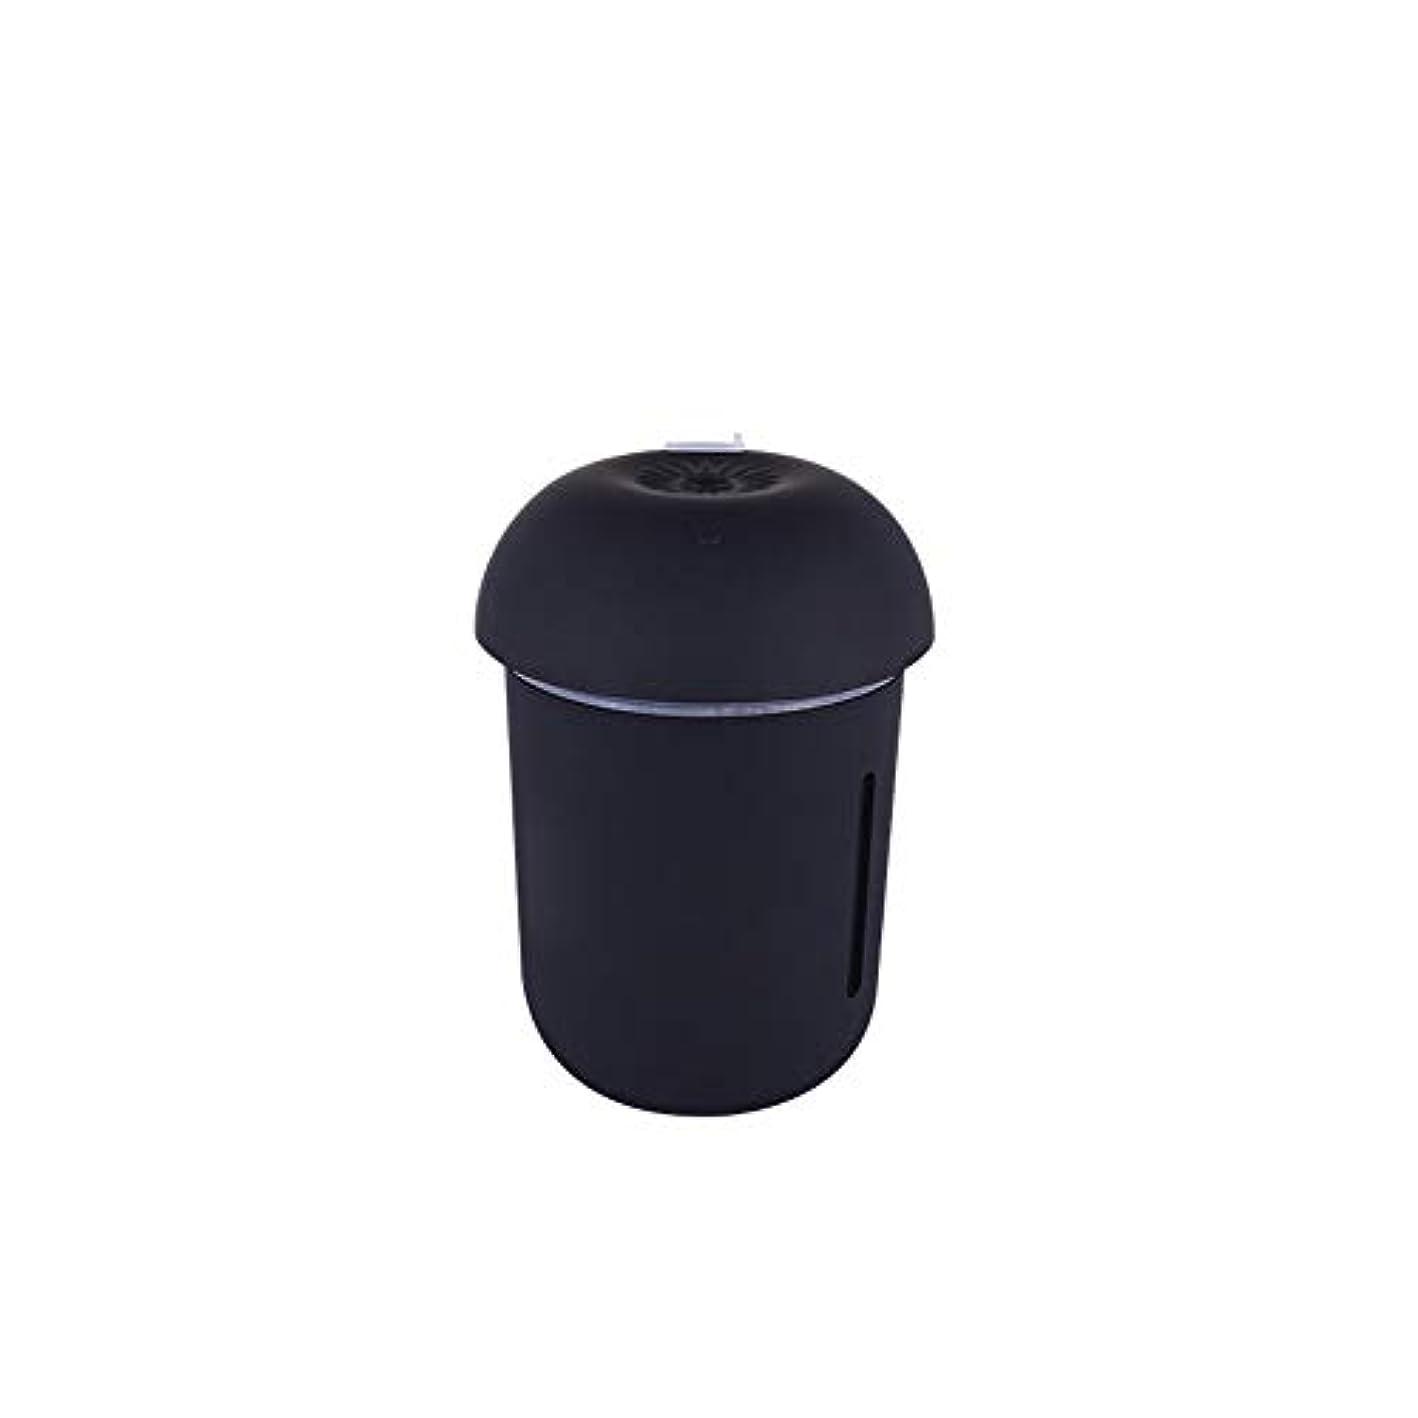 直面するスリップシューズ検索エンジン最適化ZXF クリエイティブ多機能水道メーターファンナイトライトスリーインワンきのこ加湿器usb充電車の空気清浄機美容機器 滑らかである (色 : Black)